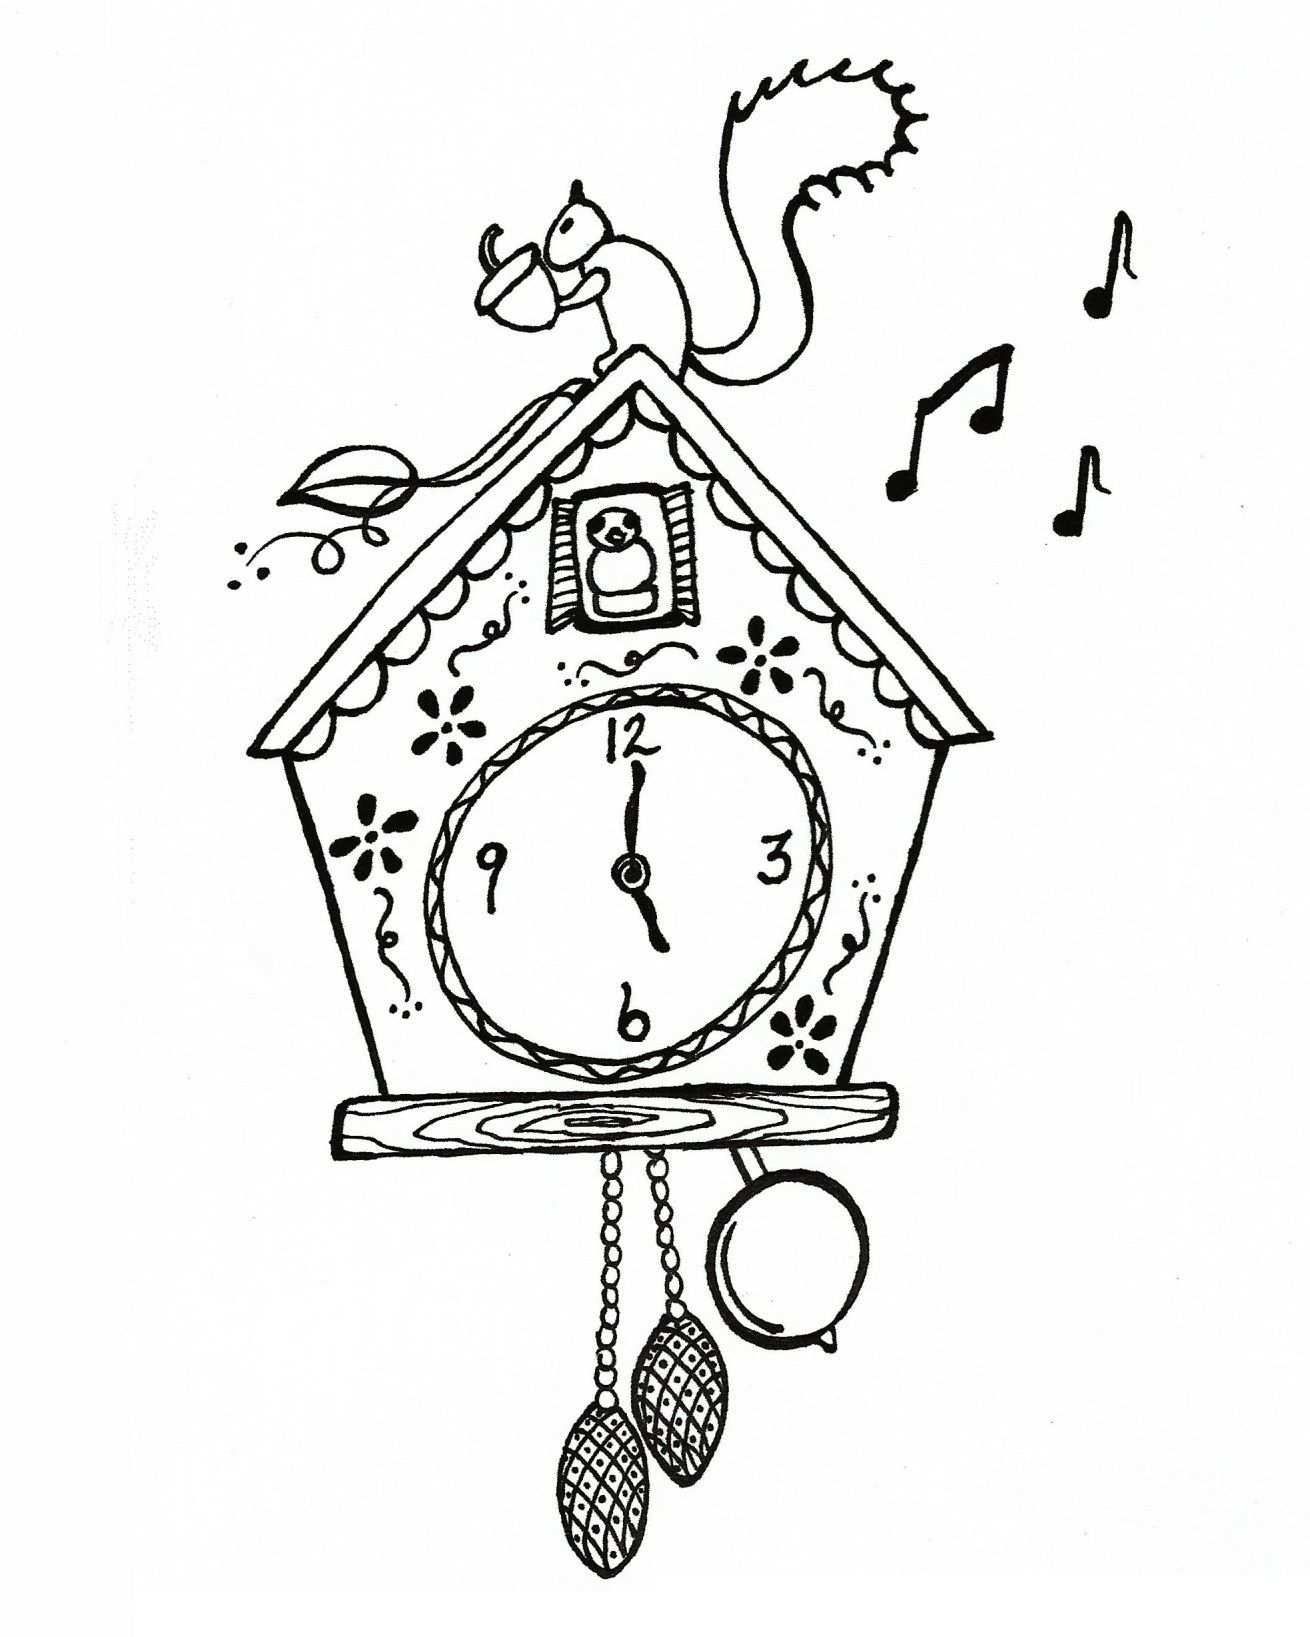 Cuckoo Clock Met Afbeeldingen Koekoeksklokken Klok Tekenen